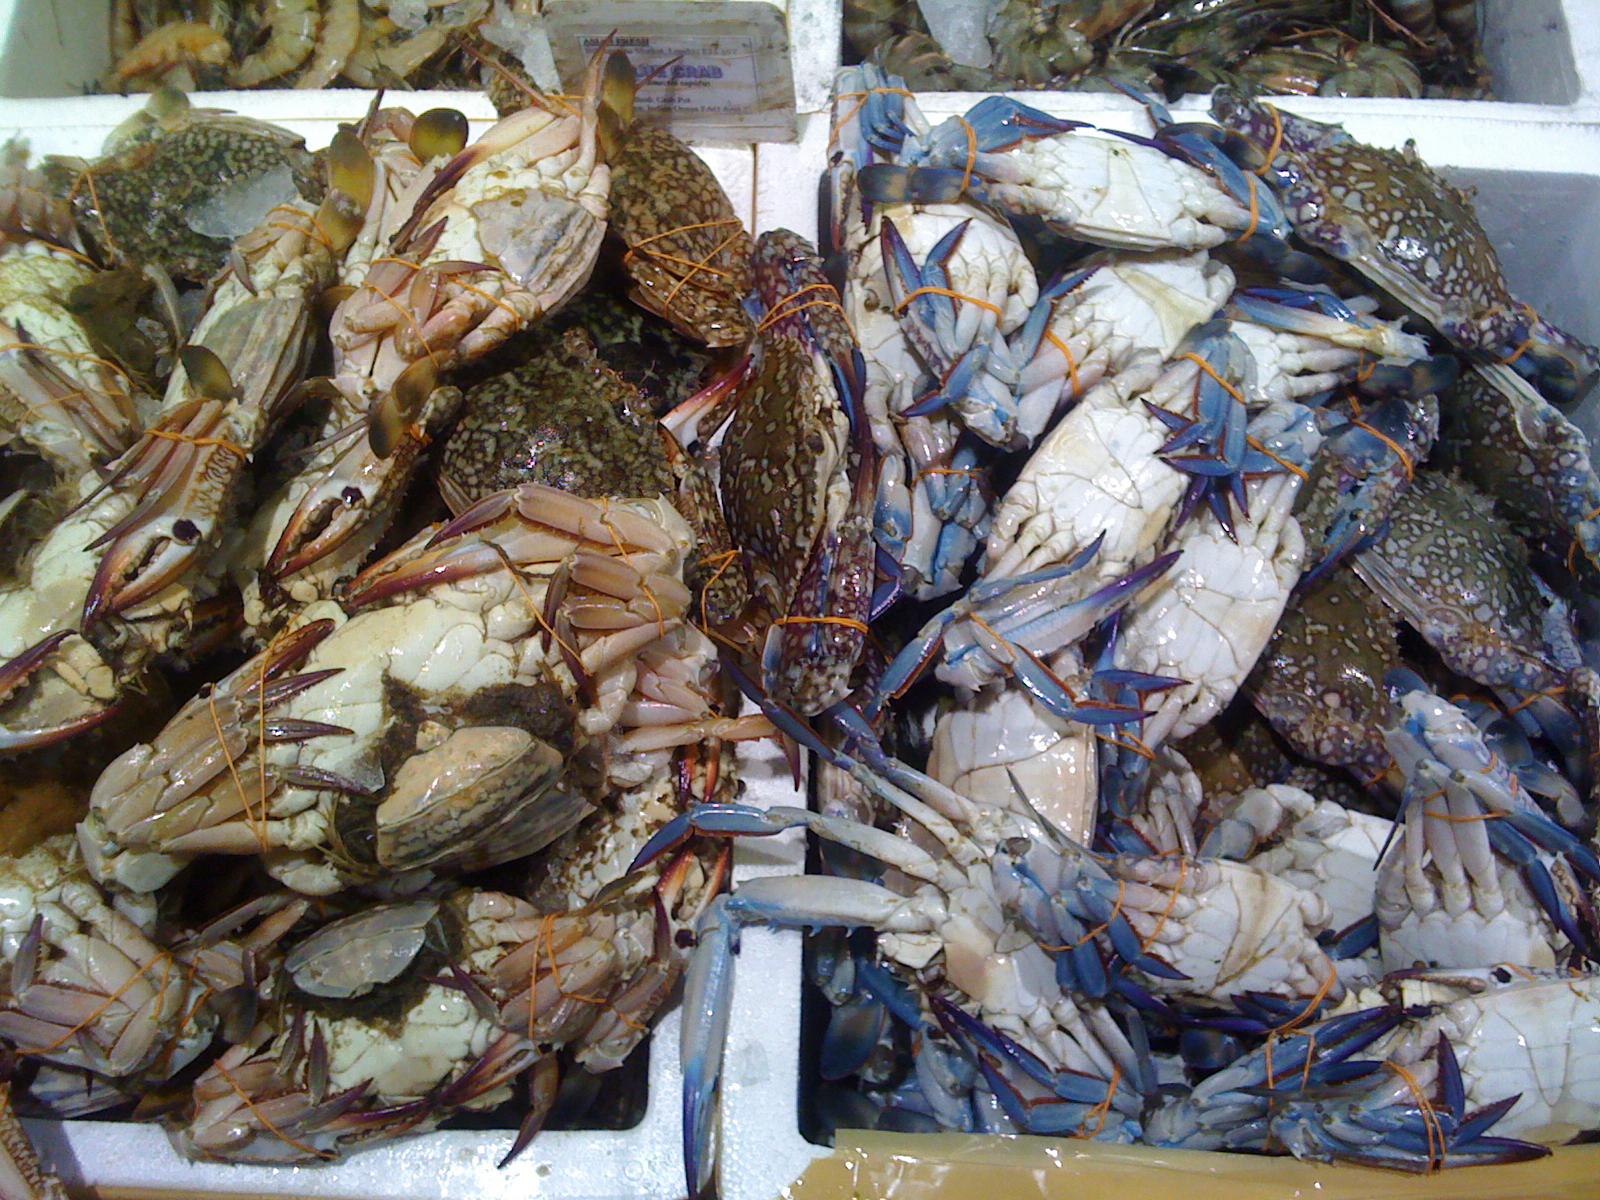 Wai vi ki billingsgate fish market for King fish market